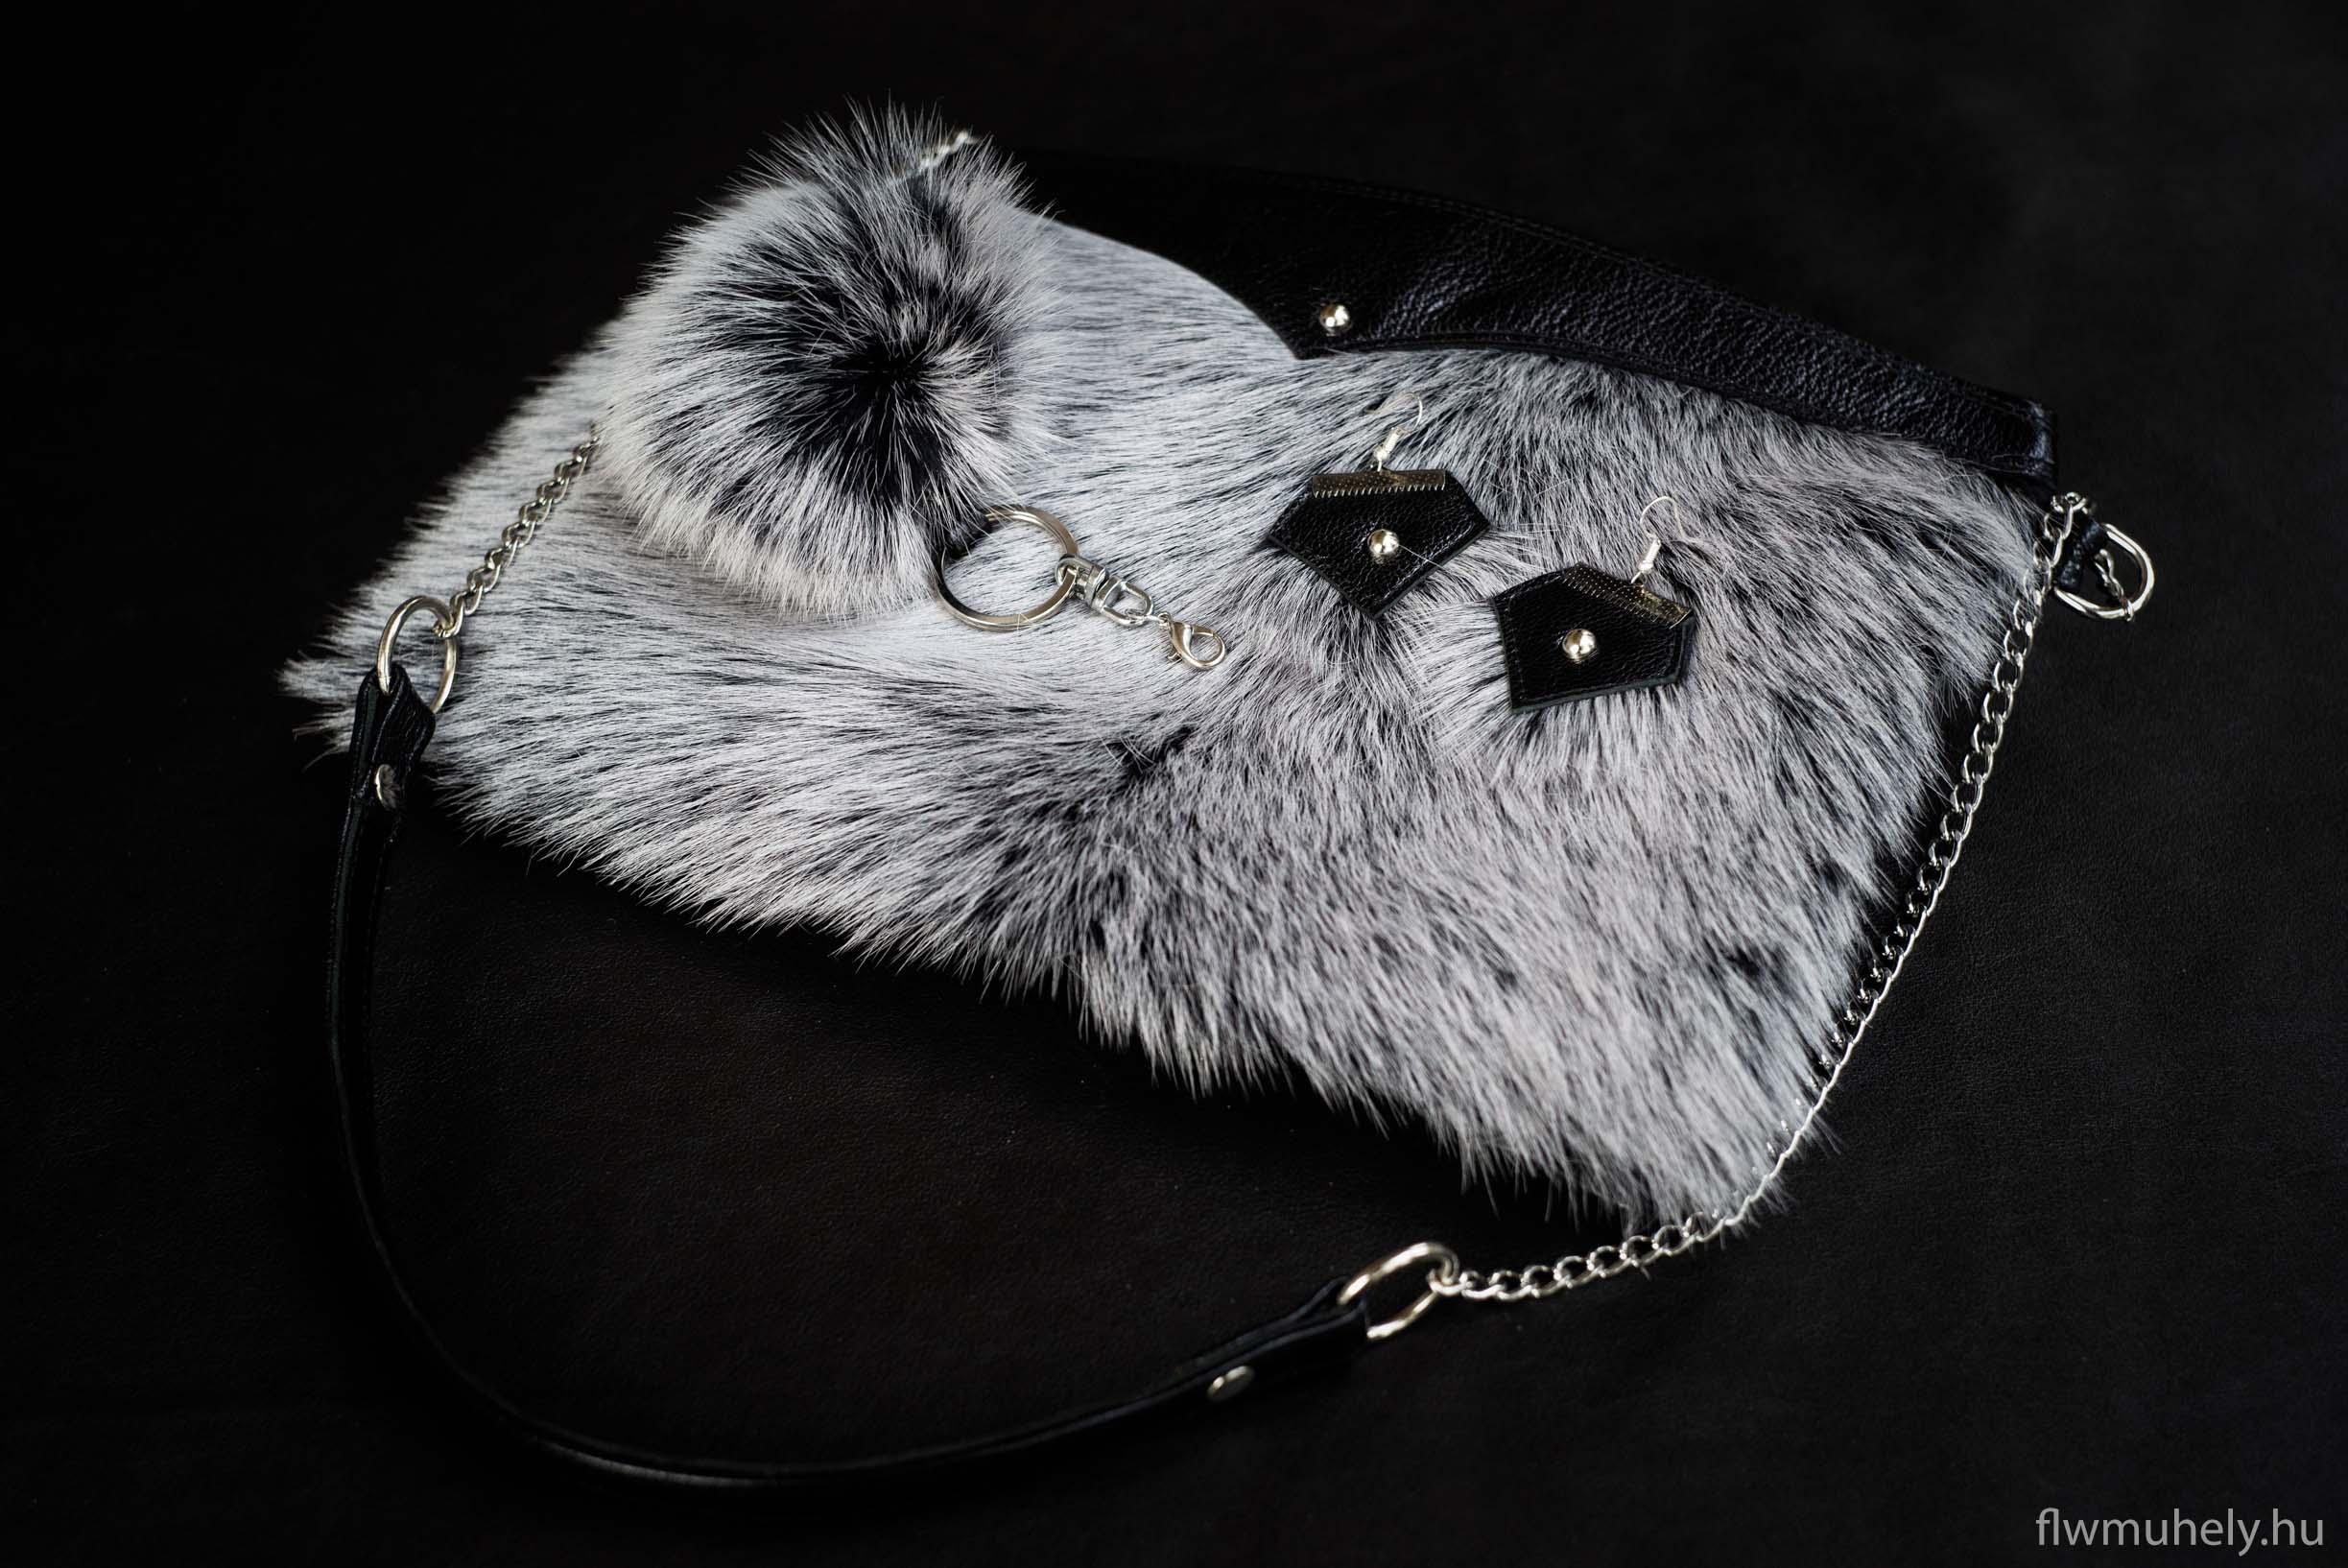 Szőrmés táska szett - szőrme táskadísz - flwmuhely c5466a20de